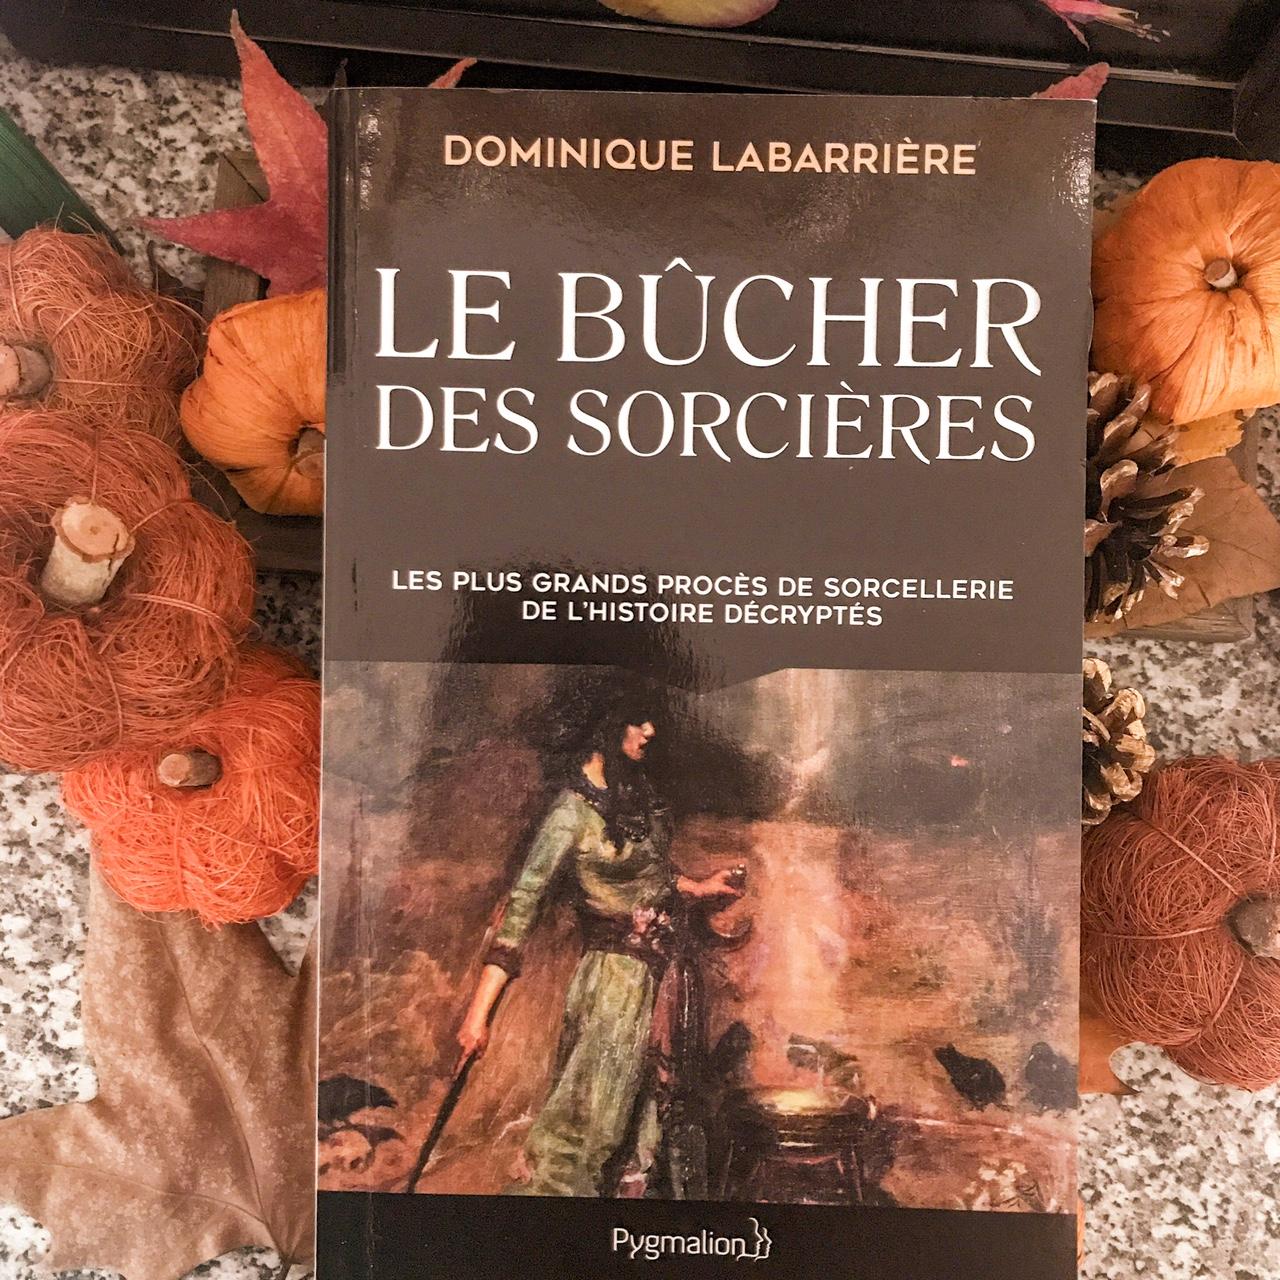 Le bûcher des sorcières, de Dominique Labarrière : les plus grands procès de sorcellerie de l'histoire décryptés